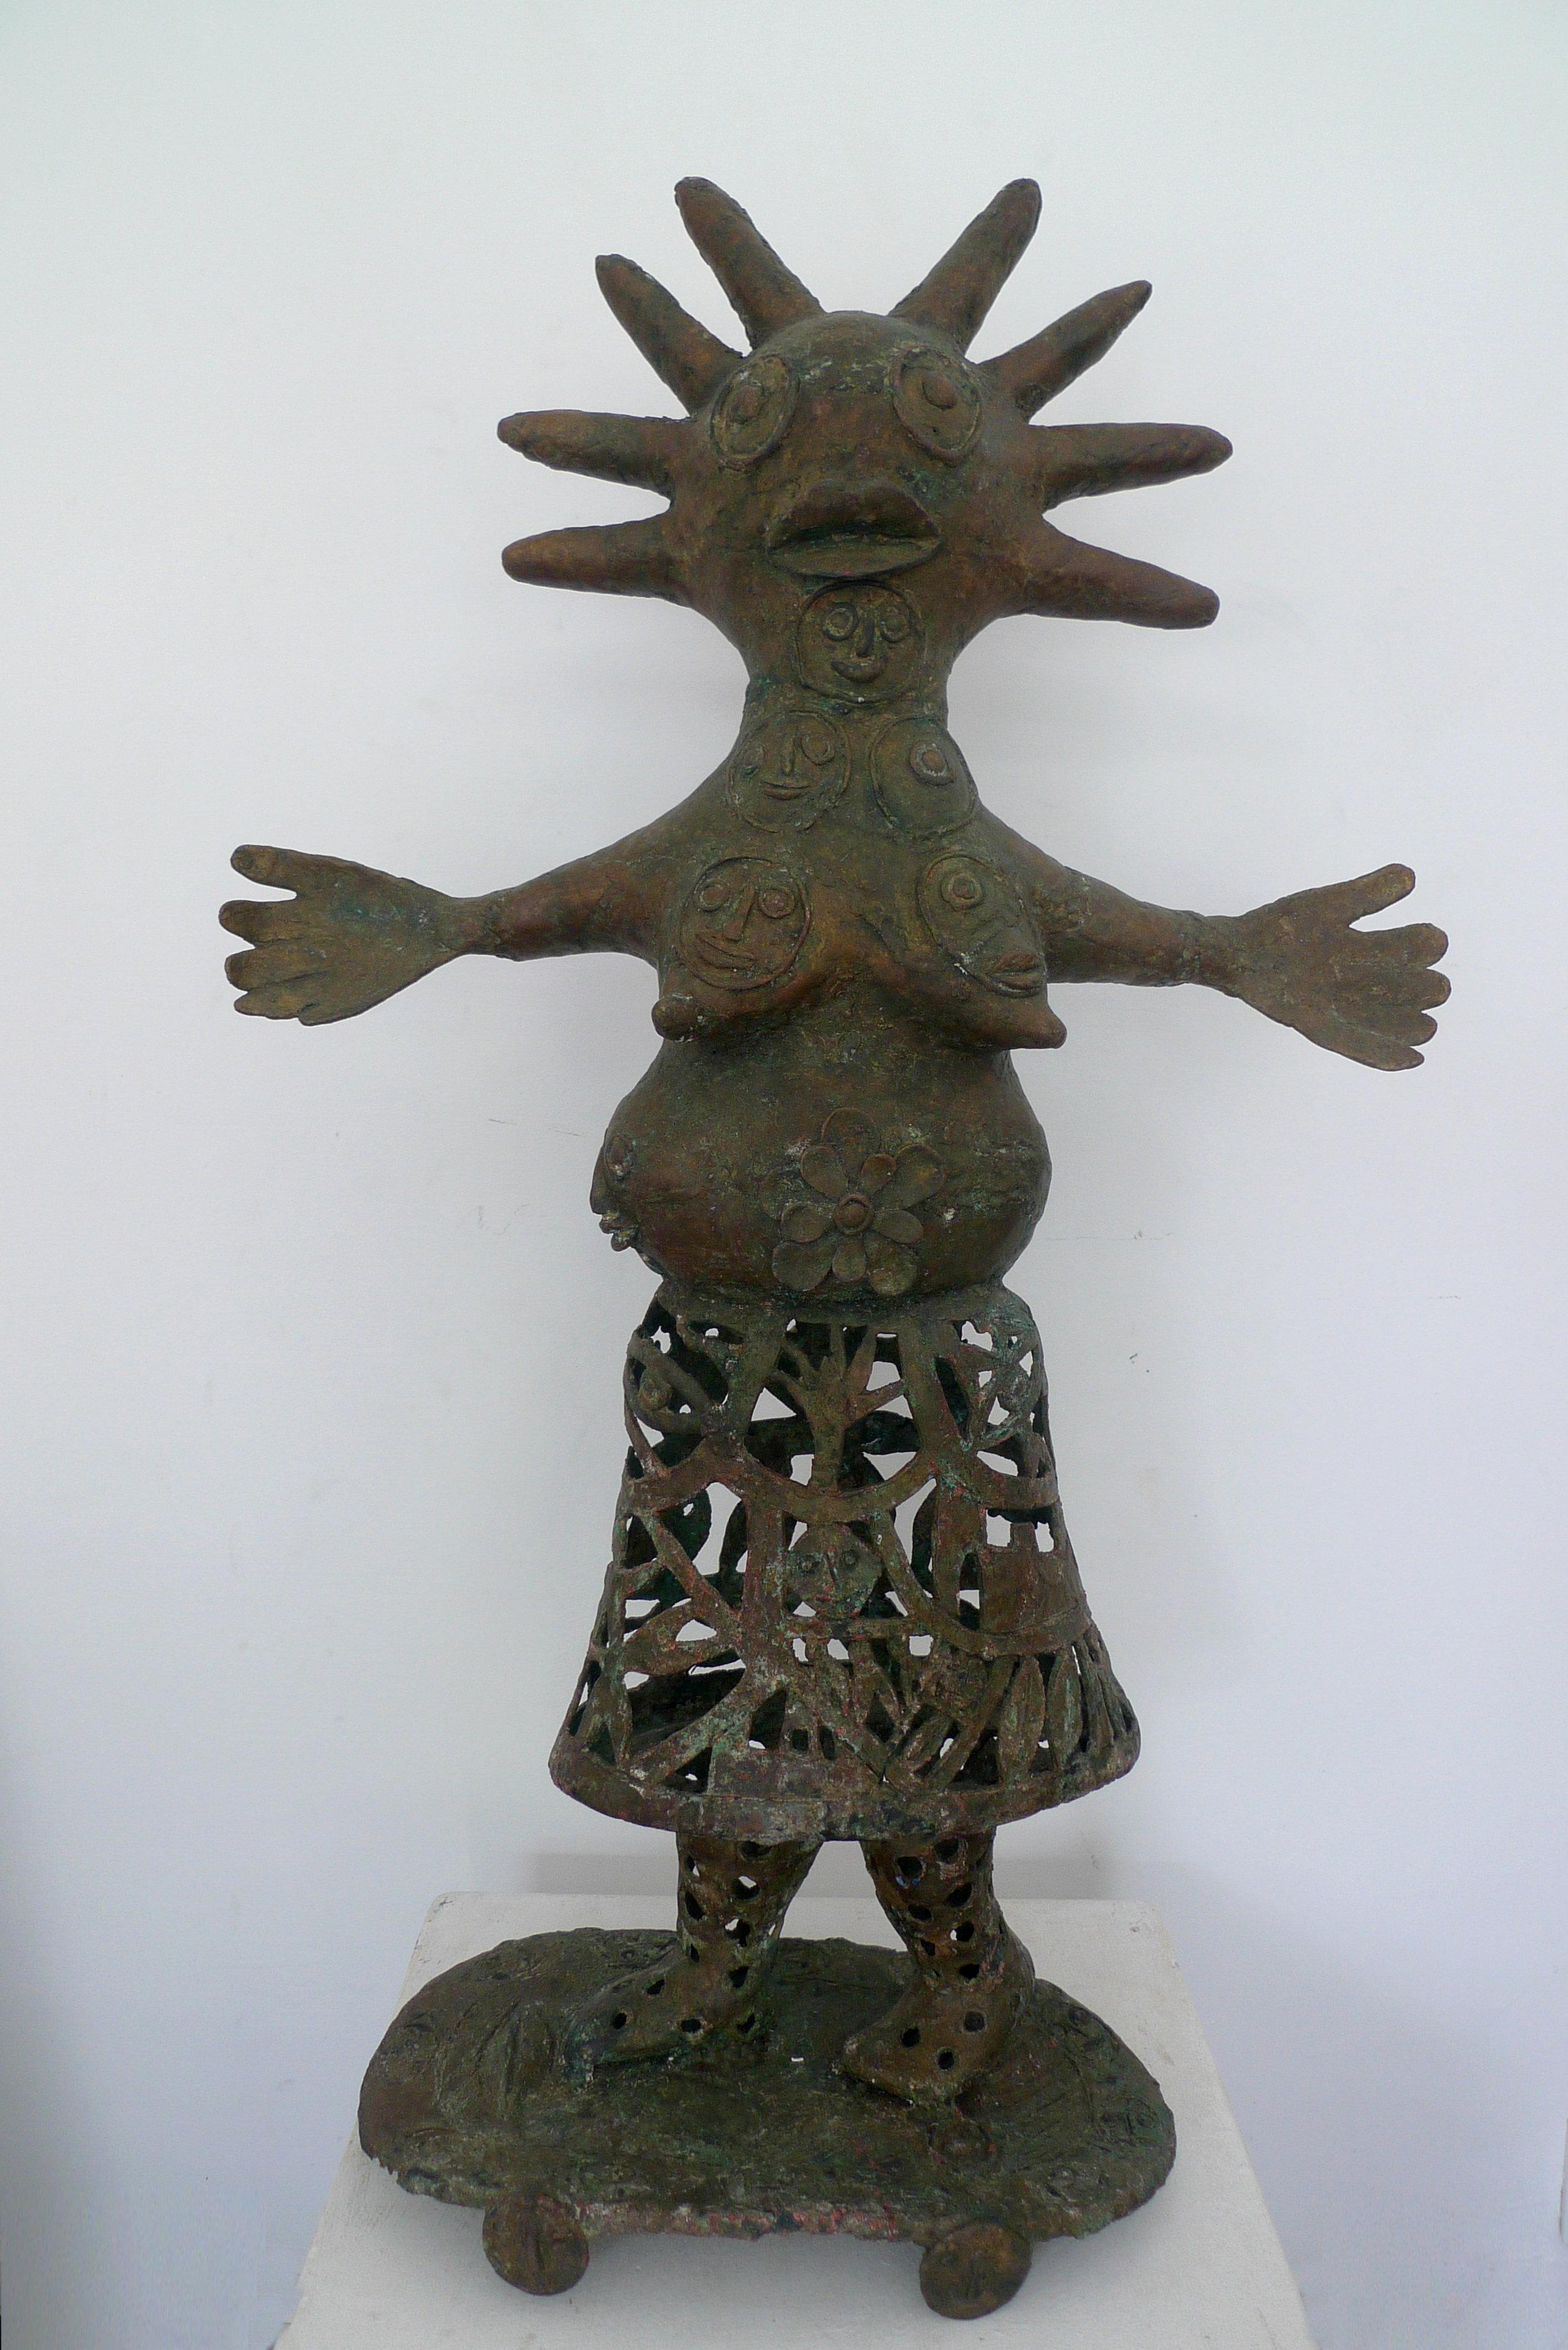 La reine, 100cm x 60cm x 25cm, sculpture bronze, 2016